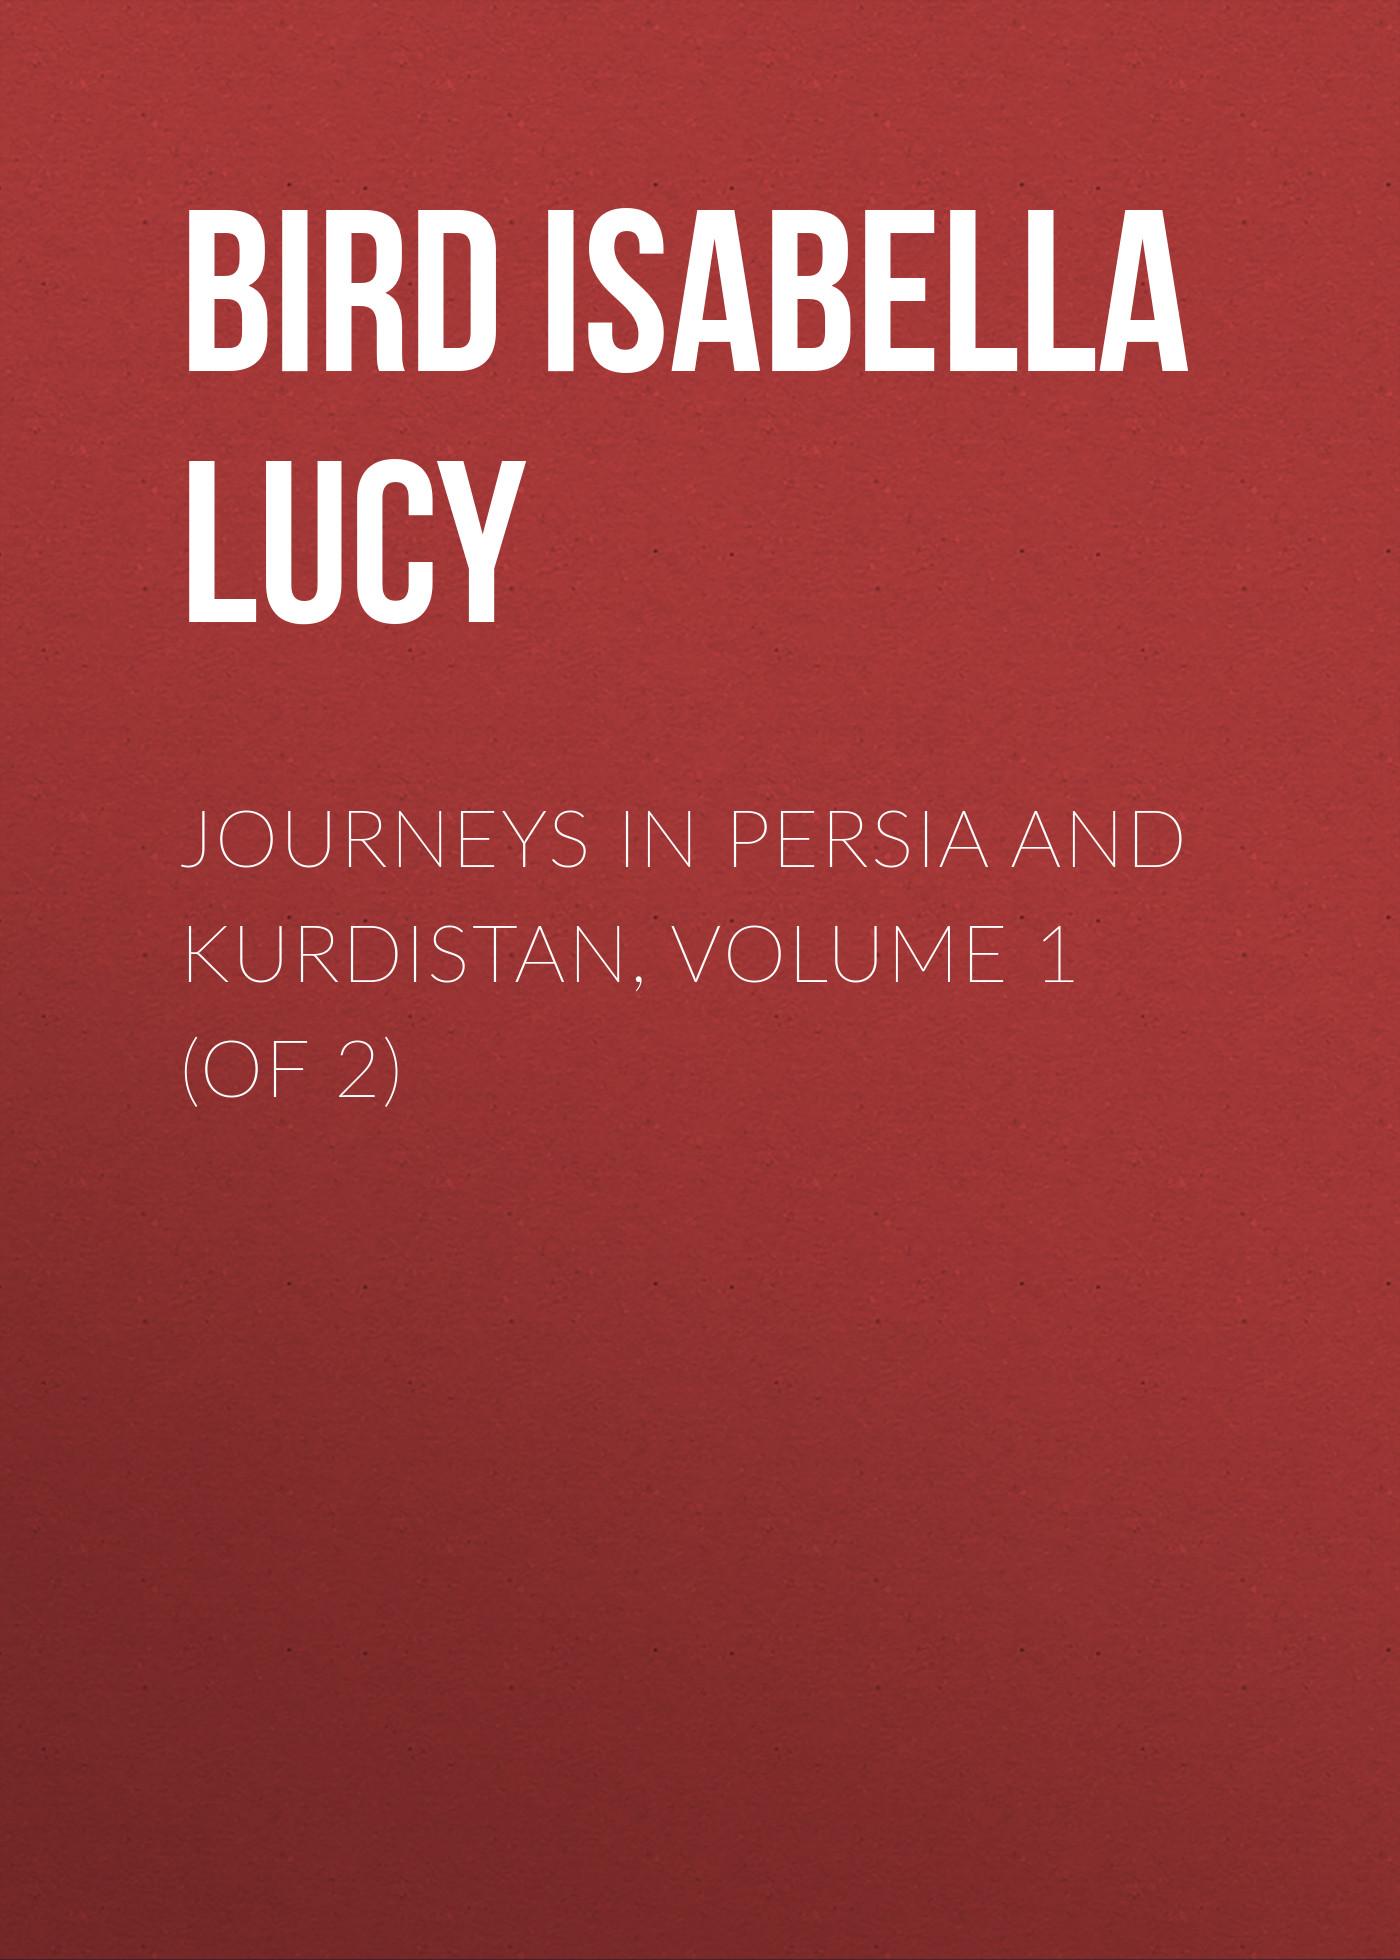 Bird Isabella Lucy Journeys in Persia and Kurdistan, Volume 1 (of 2)